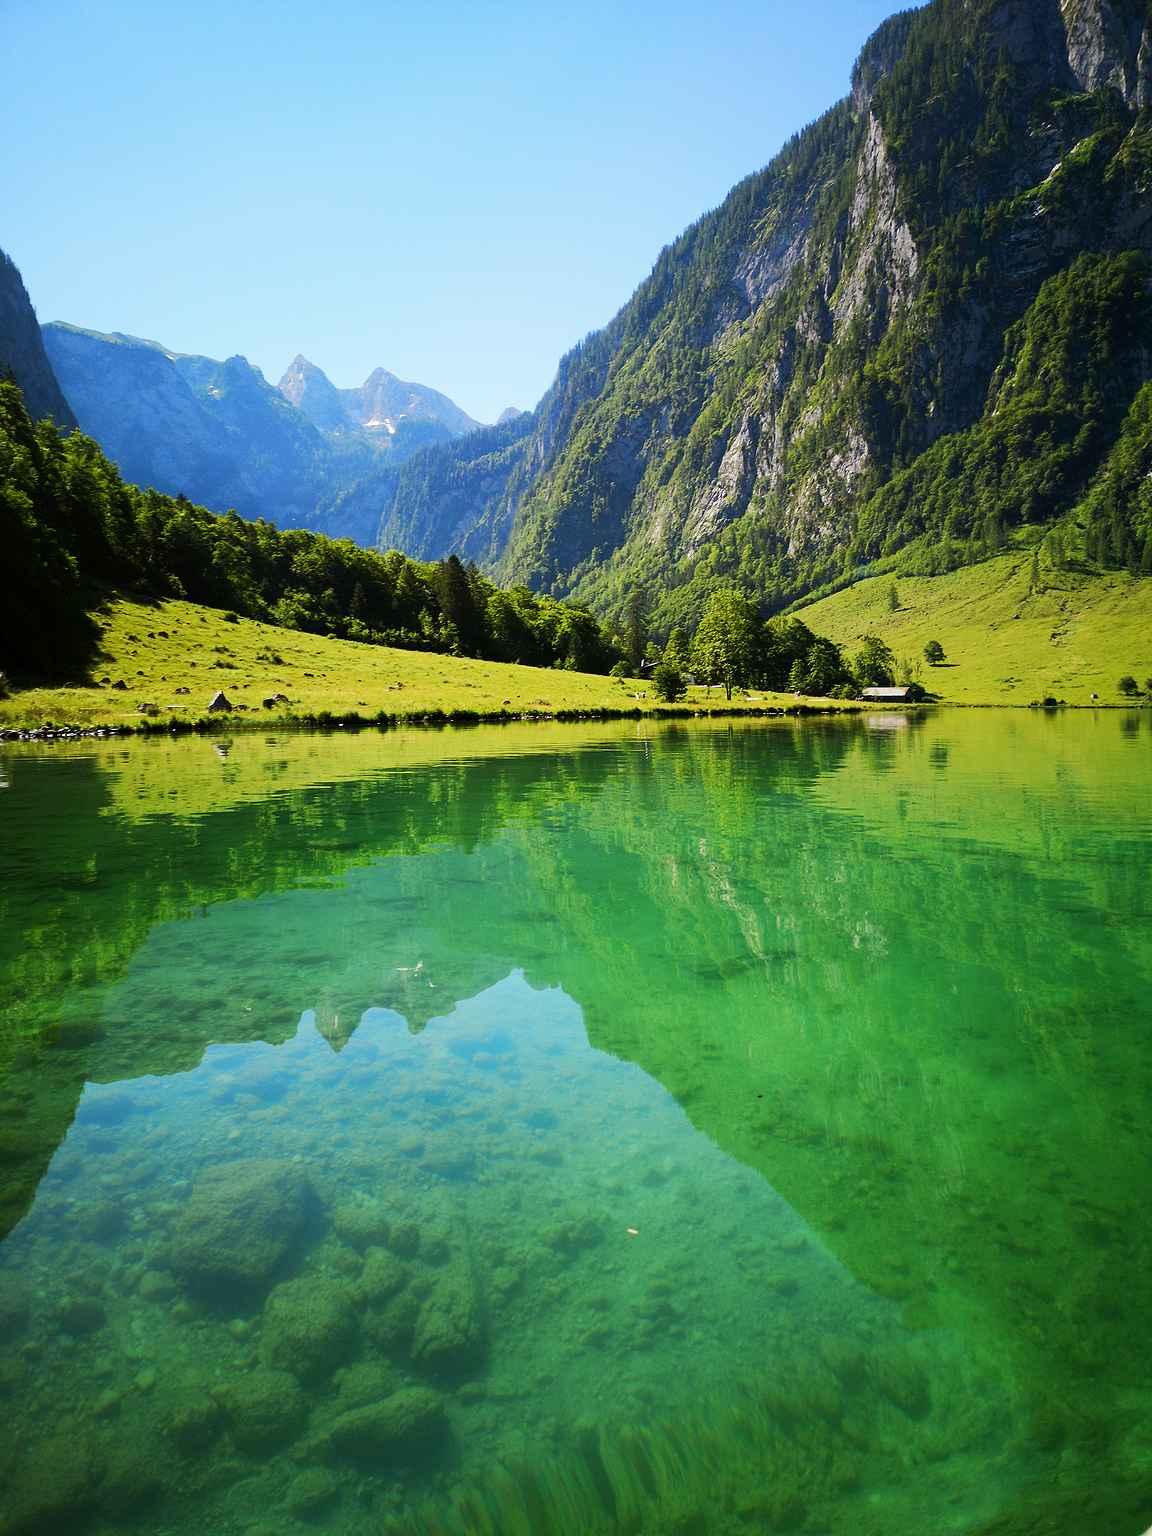 Värimaailma ja järven kirkkaus ovat ainutlaatuisia Köningssee-järvellä.